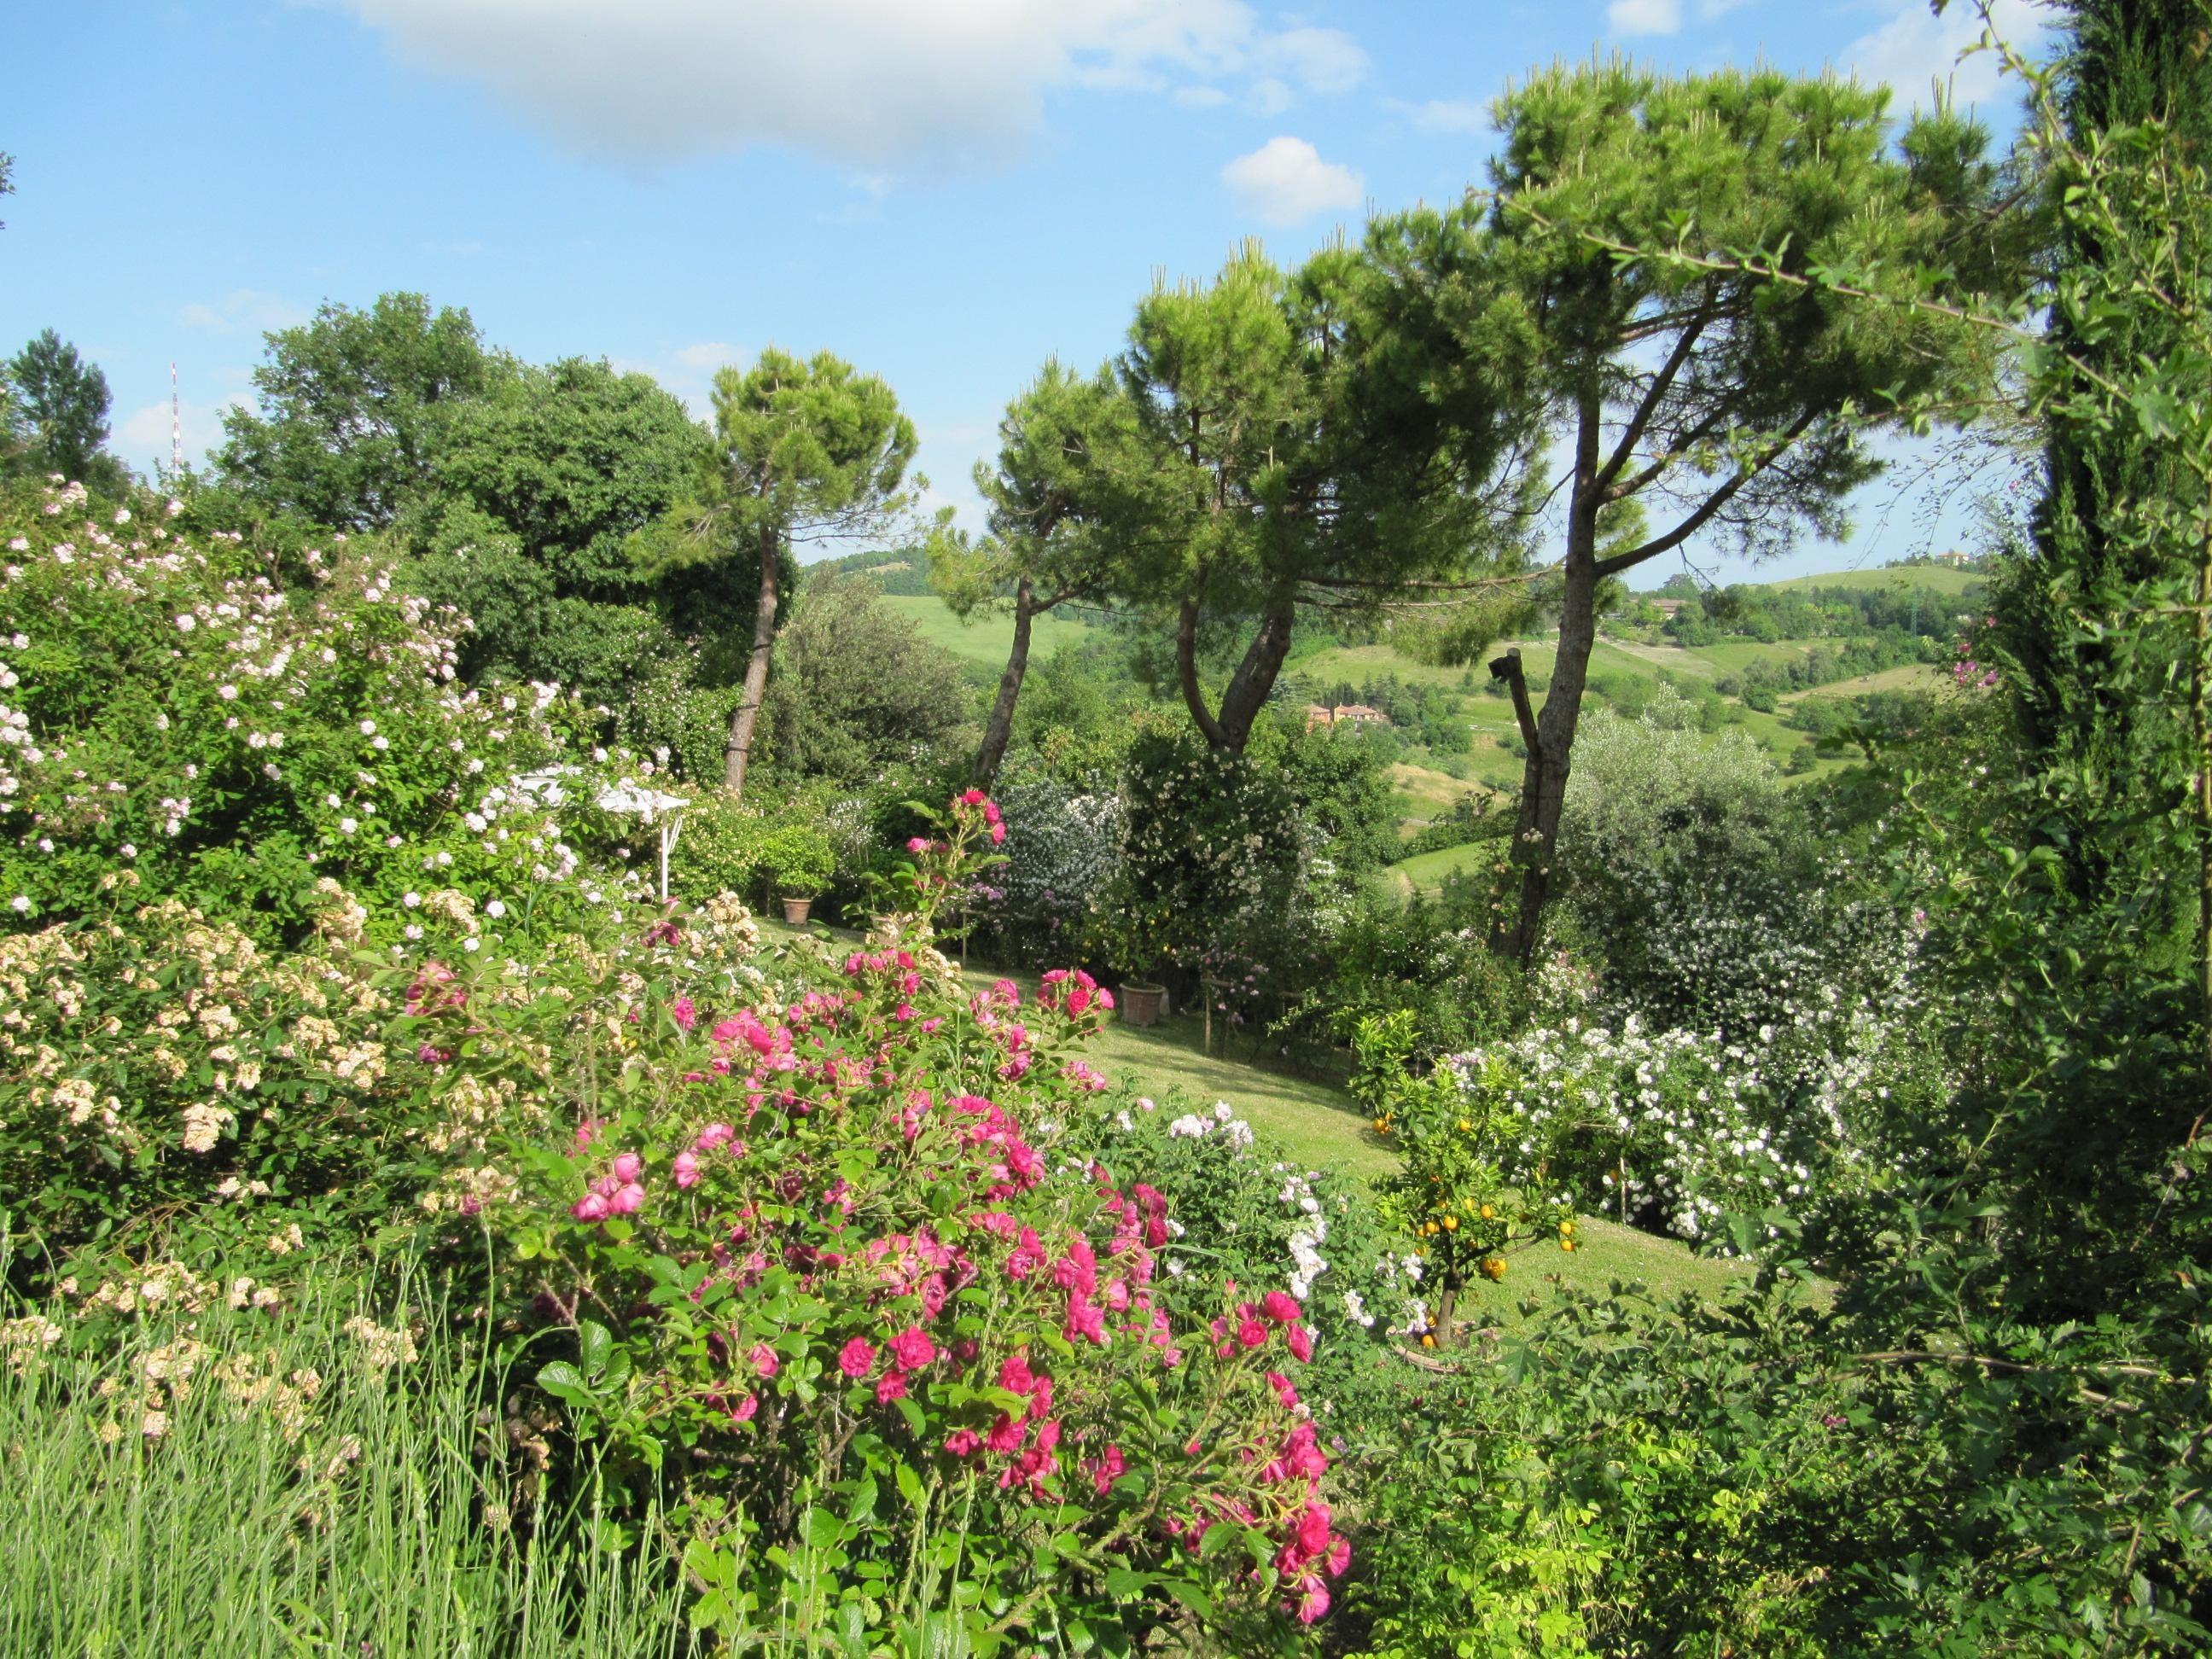 Giardino di rose del podere le vigne diverdeinverde at